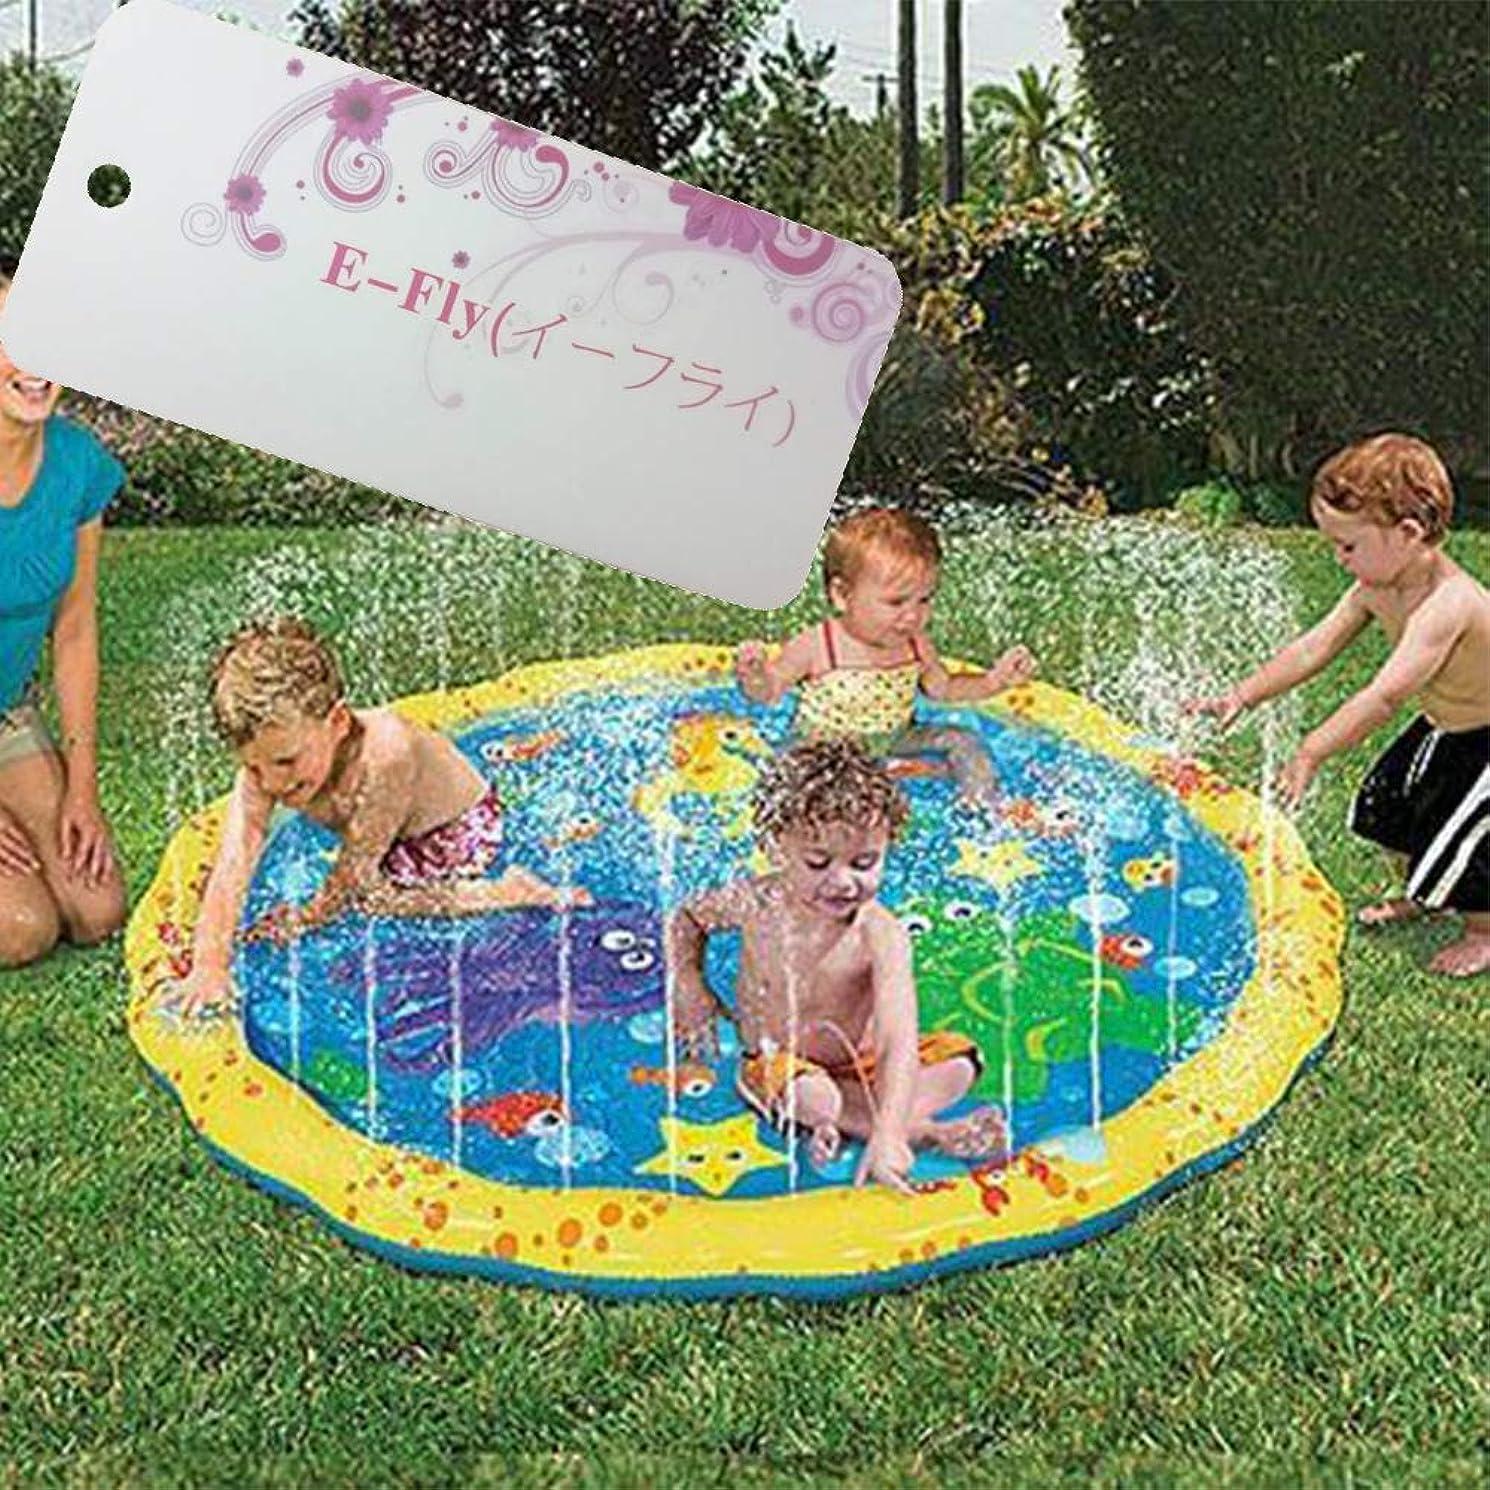 妖精胸協同プレイマット ウォーター プレイ アウトドア 芝生遊び 水 夏の日 子供用 おもちゃ 噴水マット ふんすい 庭 家庭用 キッズ 水遊び 噴水池 噴水できる